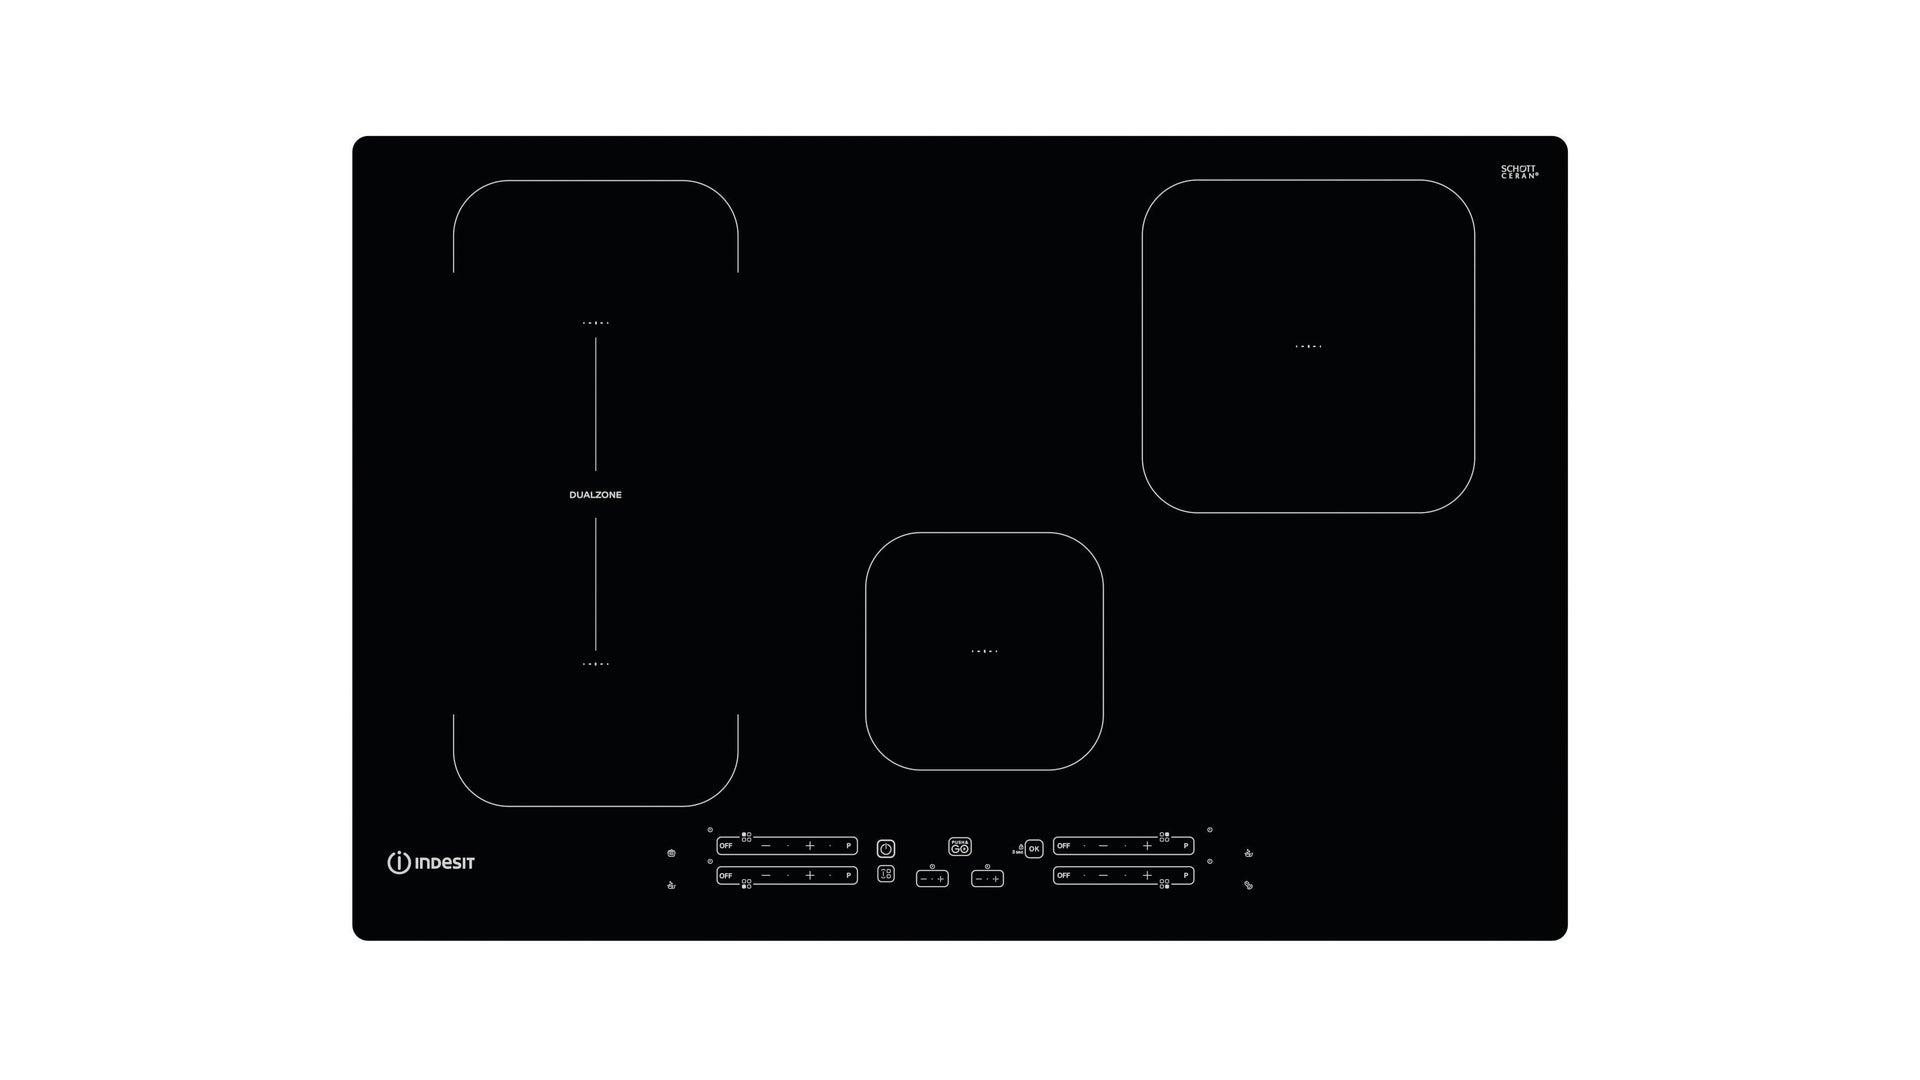 Piano cottura induzione 75 cm INDESIT IB 21B77 NE - 1